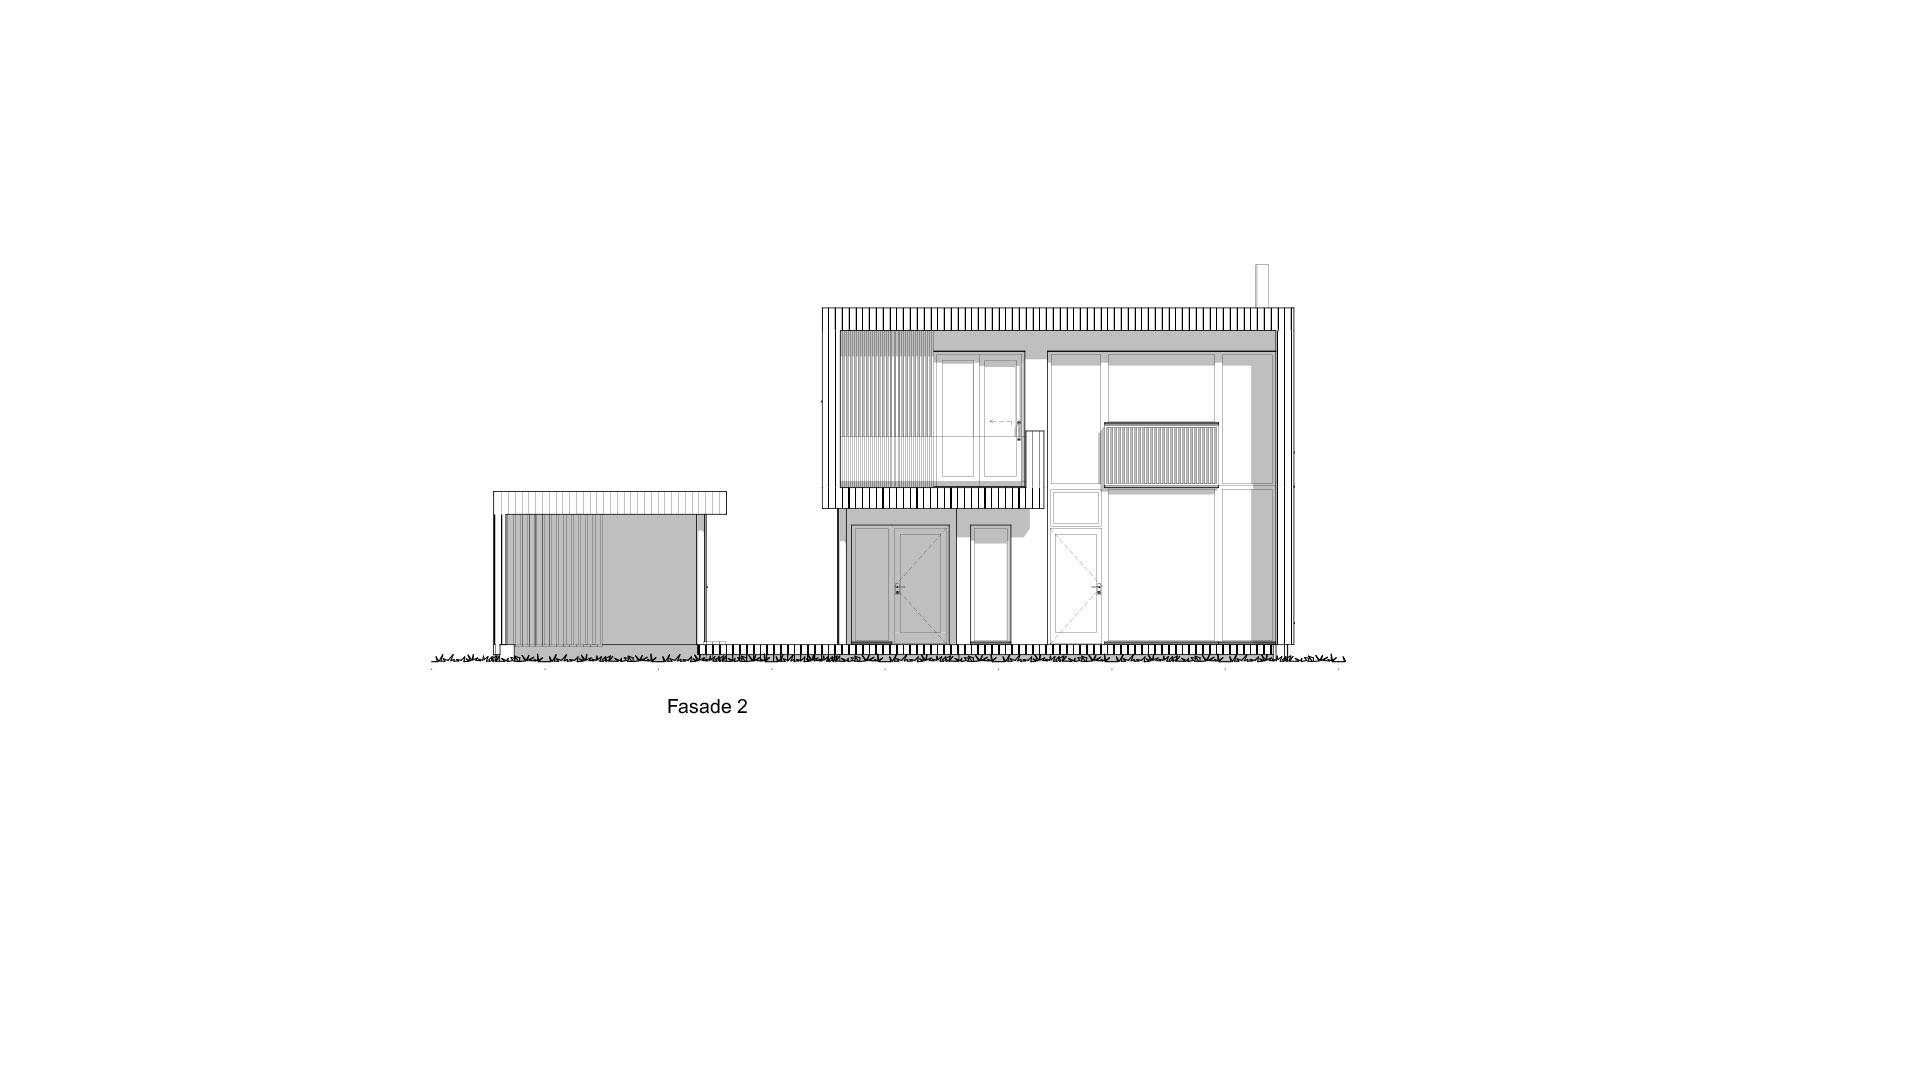 17-Bretten_Fasade2.jpg